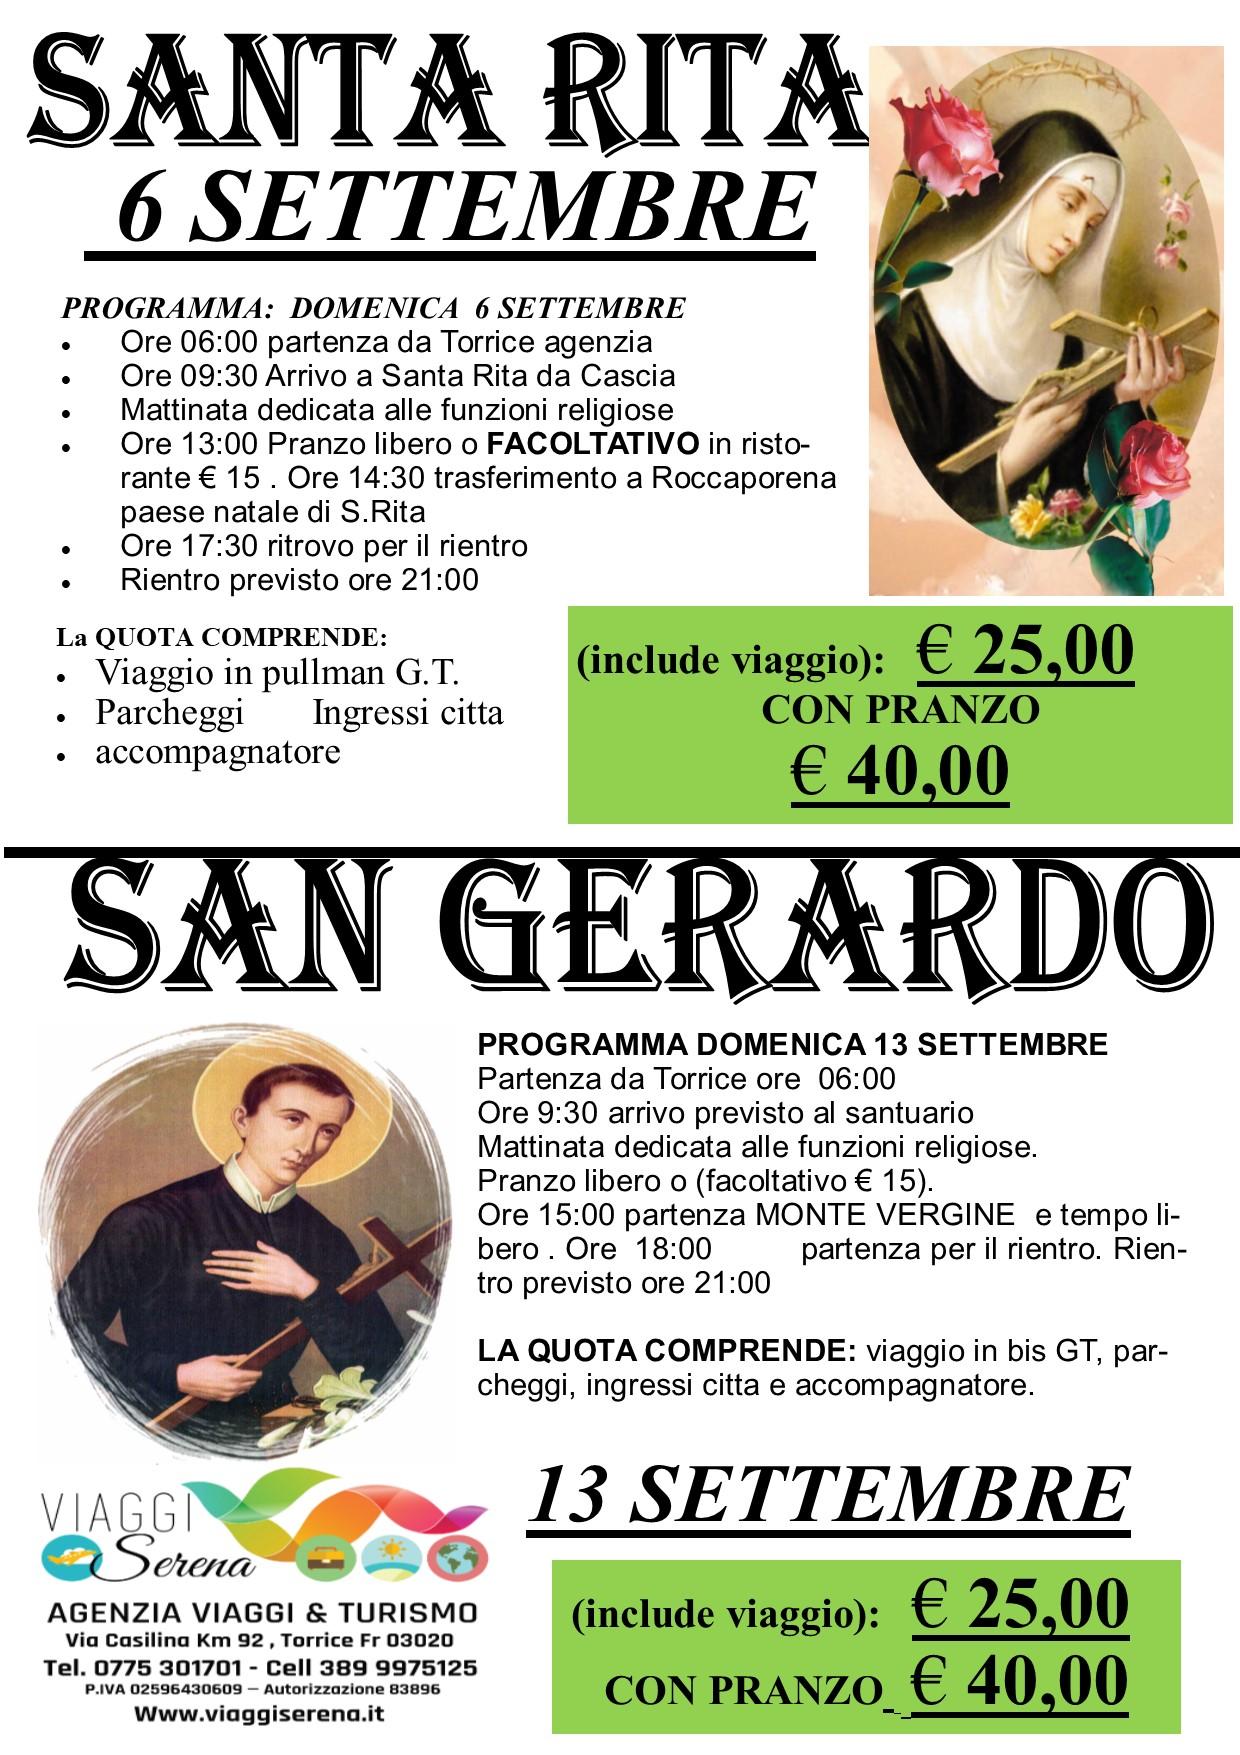 Viaggi di Gruppo: Pellegrinaggio SAN GERARDO 13 Settembre € 25,00